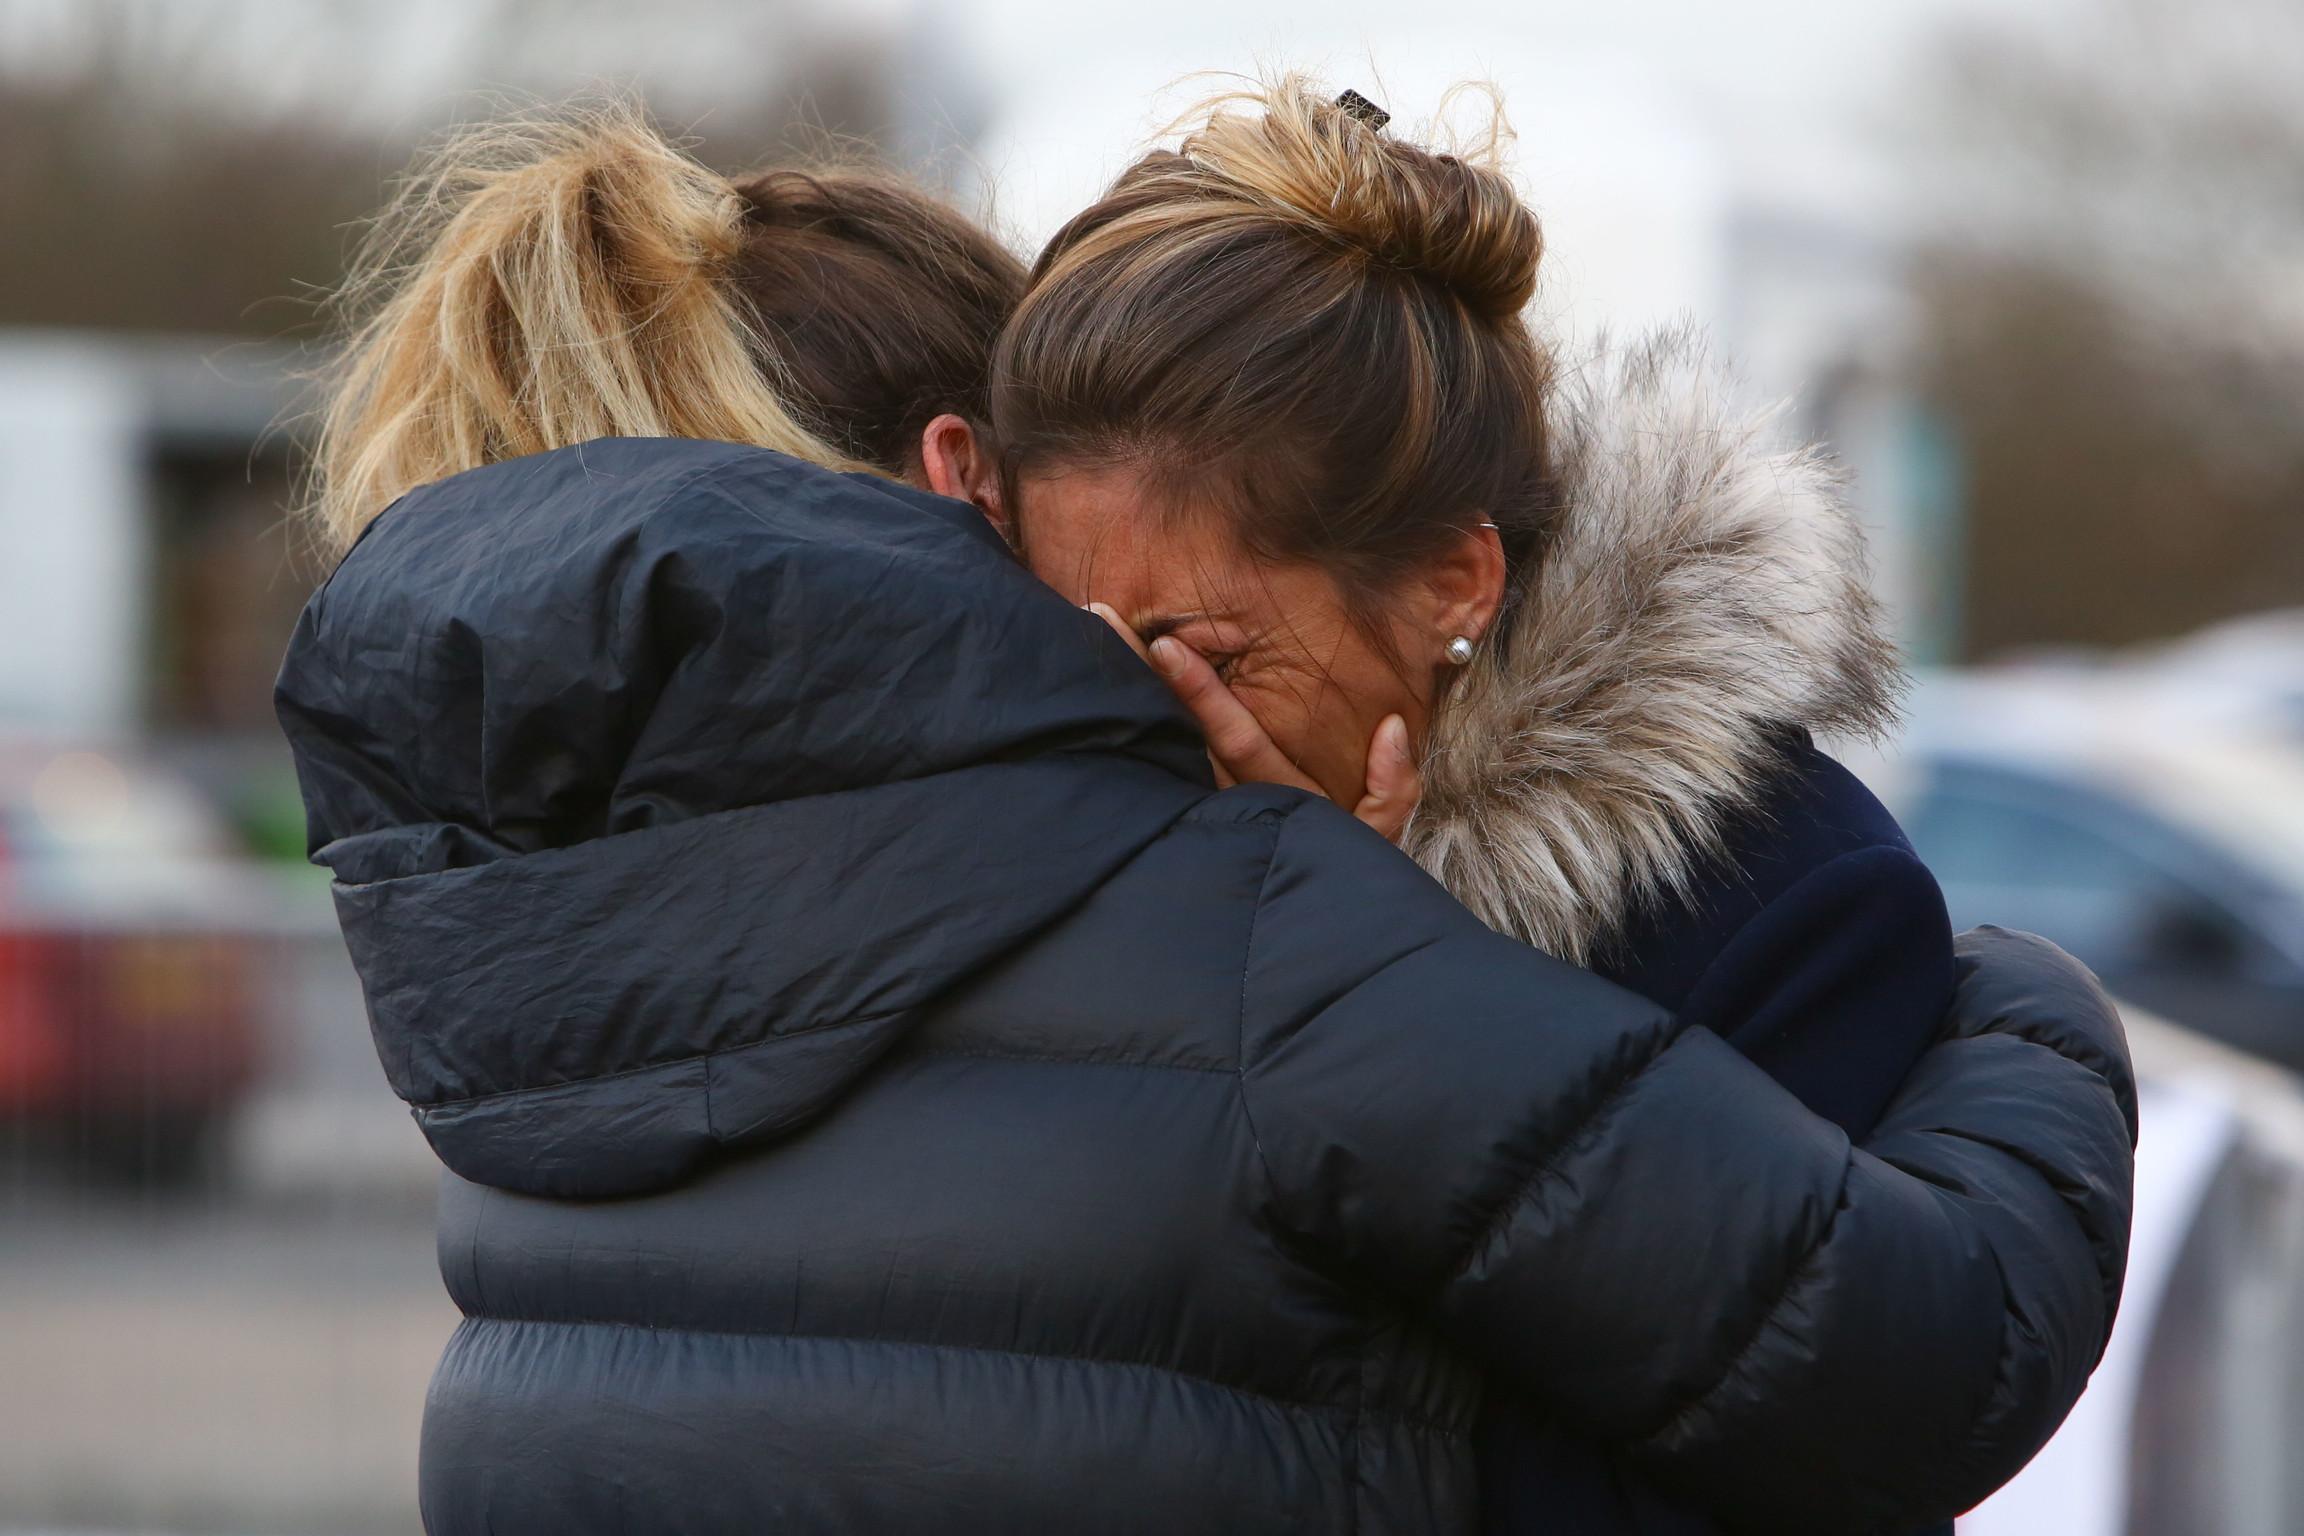 25 gennaio 2019: la disperazione dopo la morte di Emiliano Sala